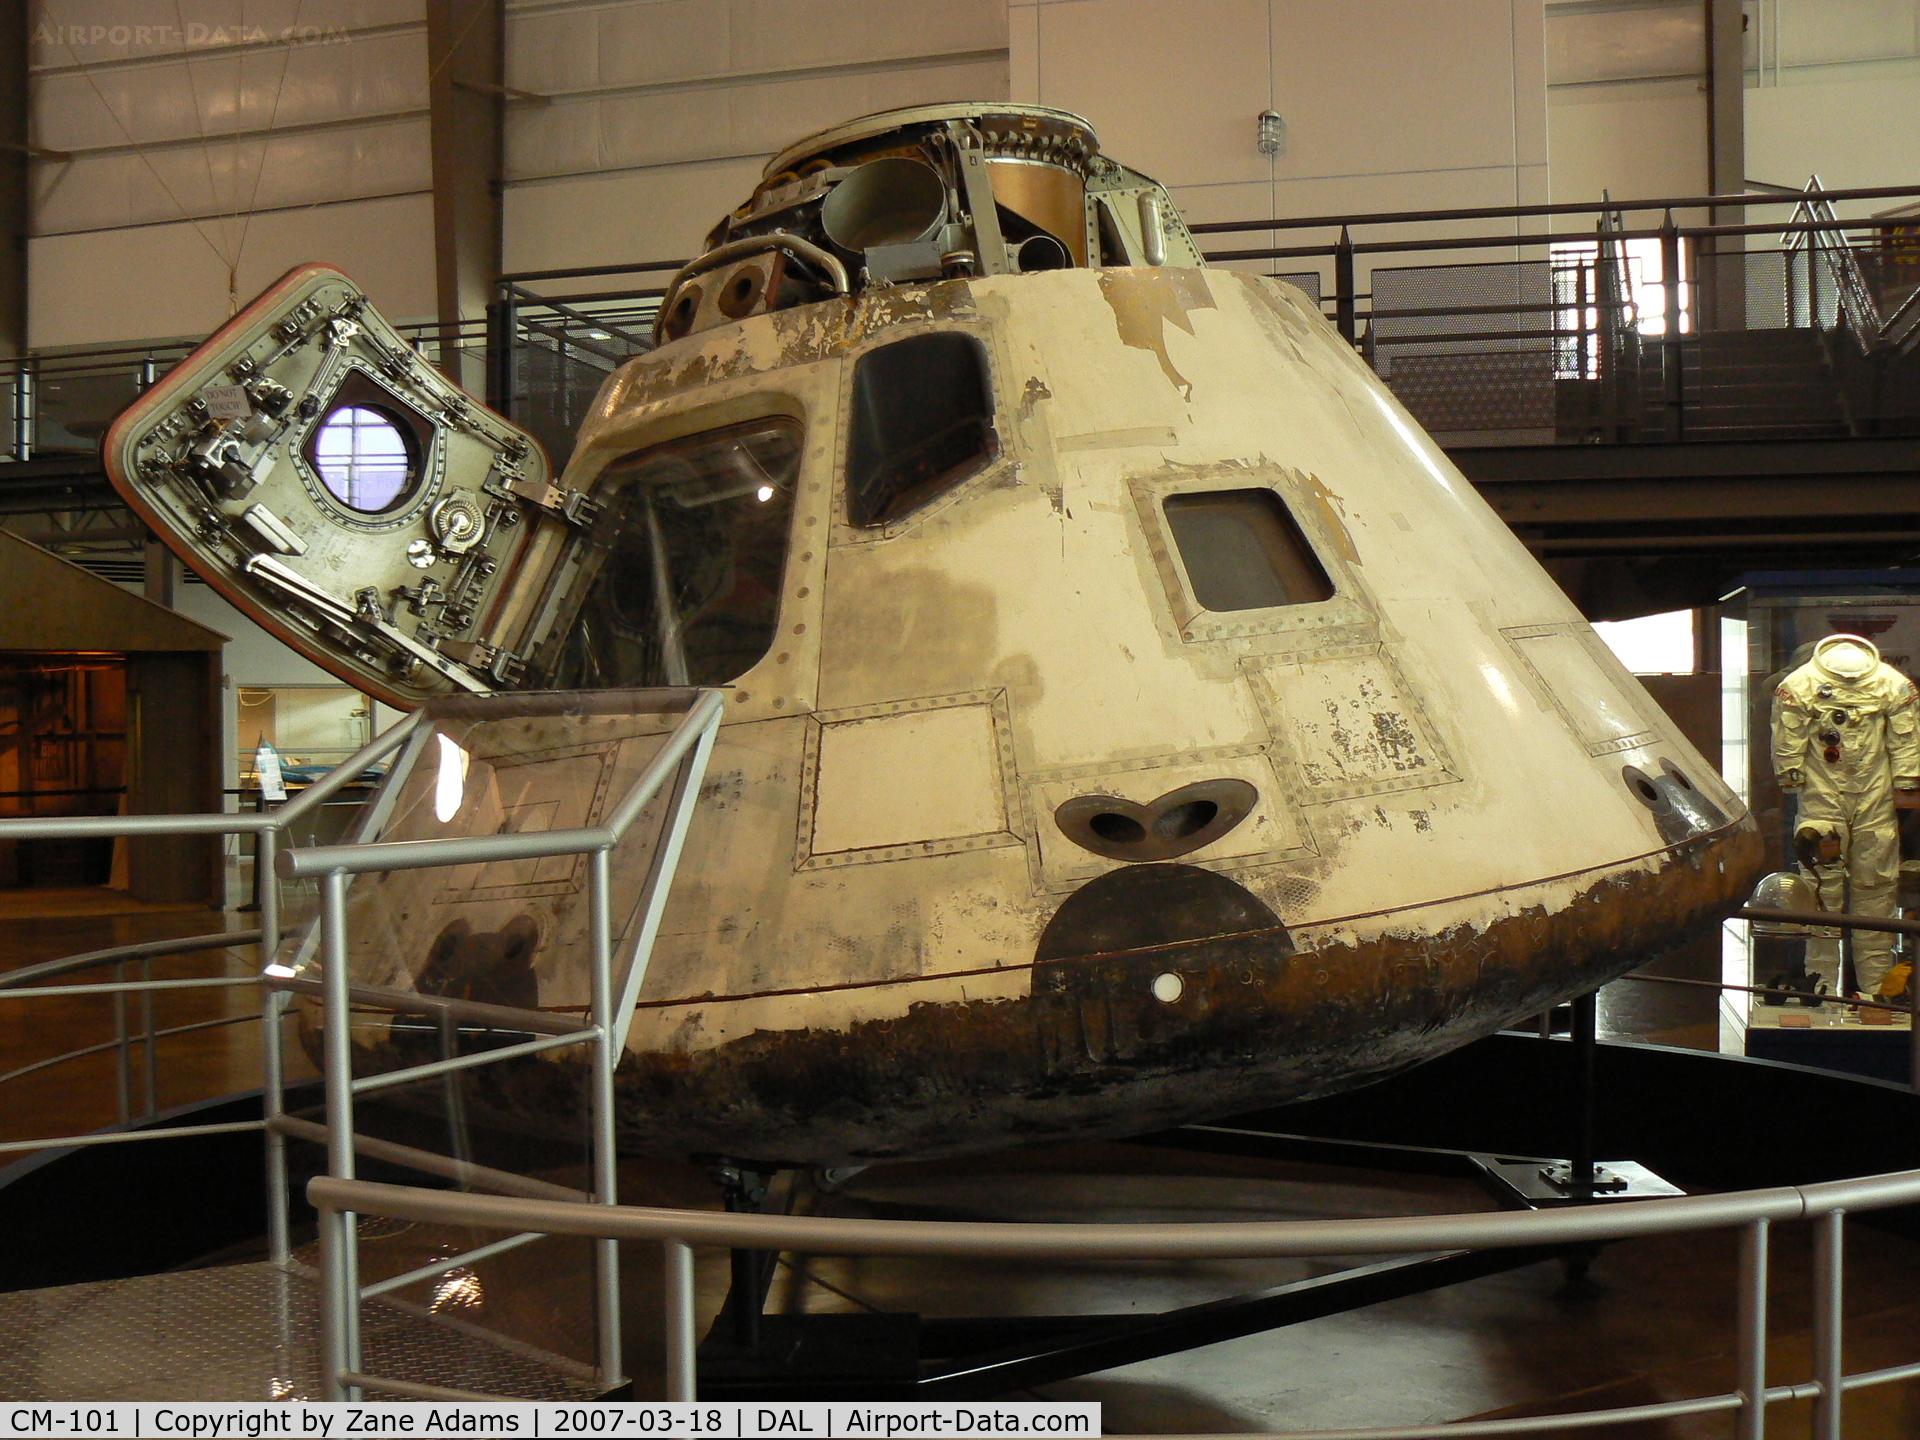 CM-101, 1968 North American Apollo Command Module C/N CSM-101, Apollo 7 Command Module at Frontiers of Flight Museum, Dallas, TX